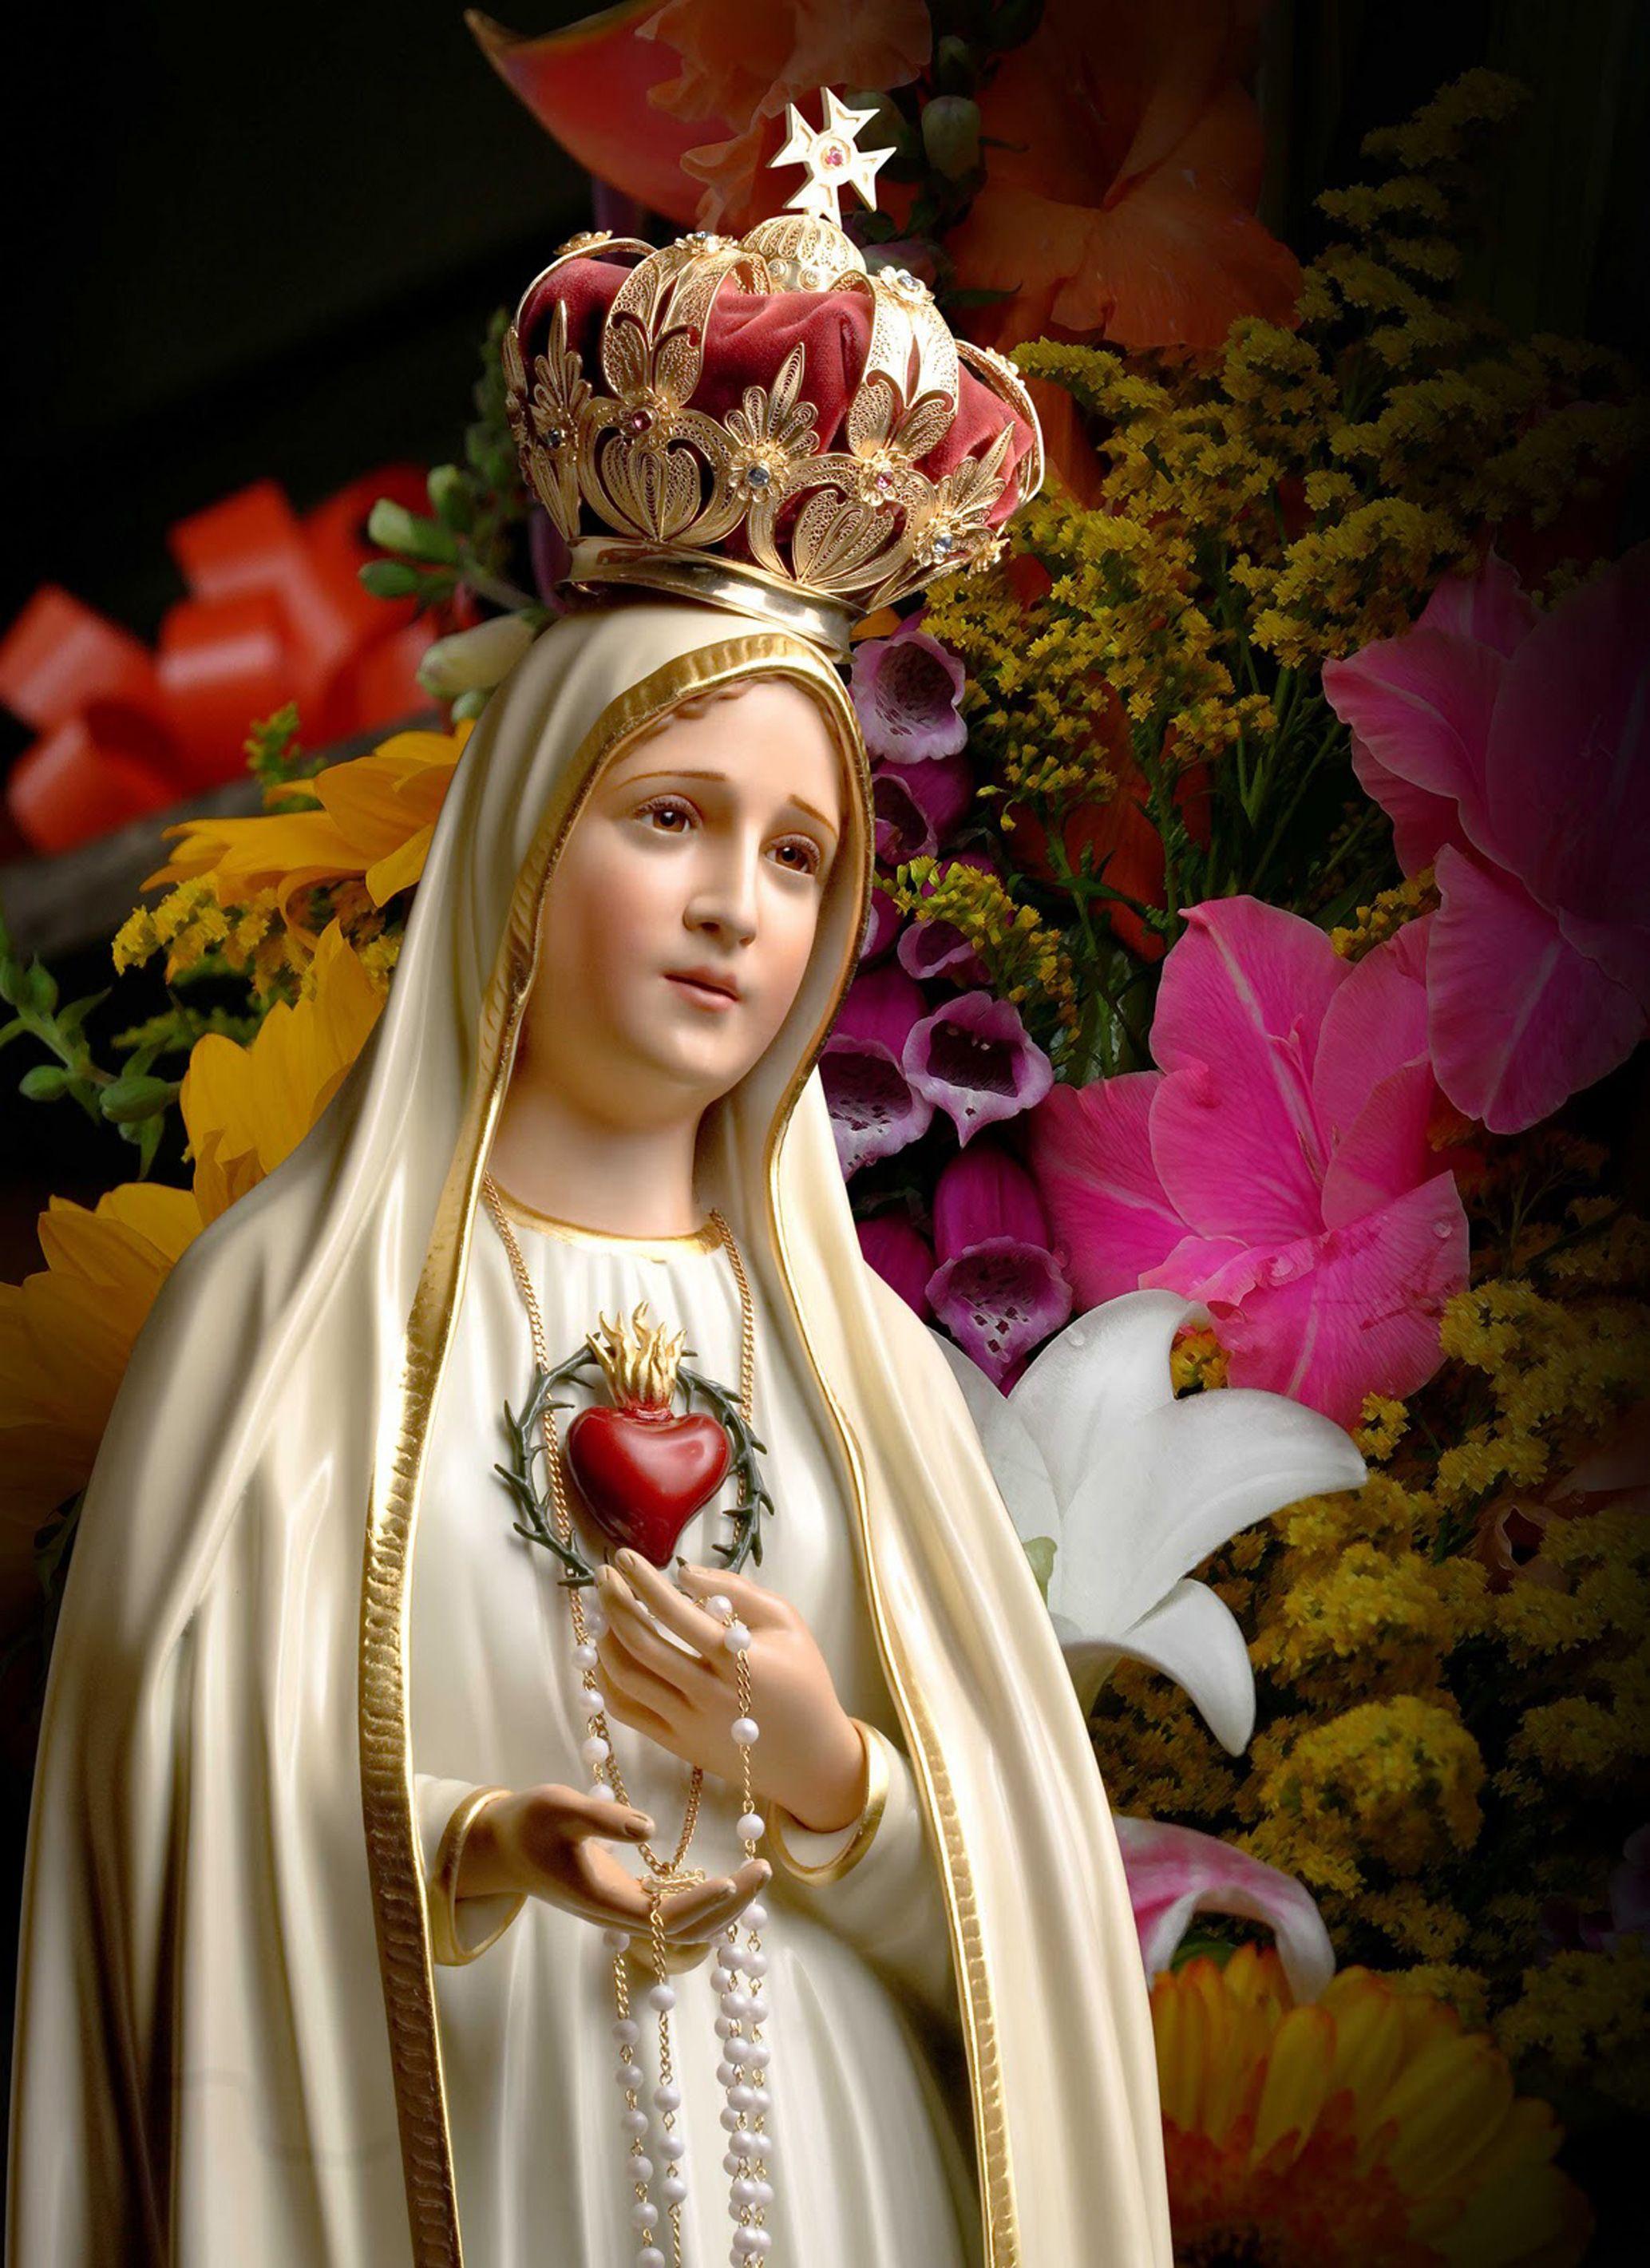 13 de mayo: Se conmemora la primera aparición de la Virgen de Fátima